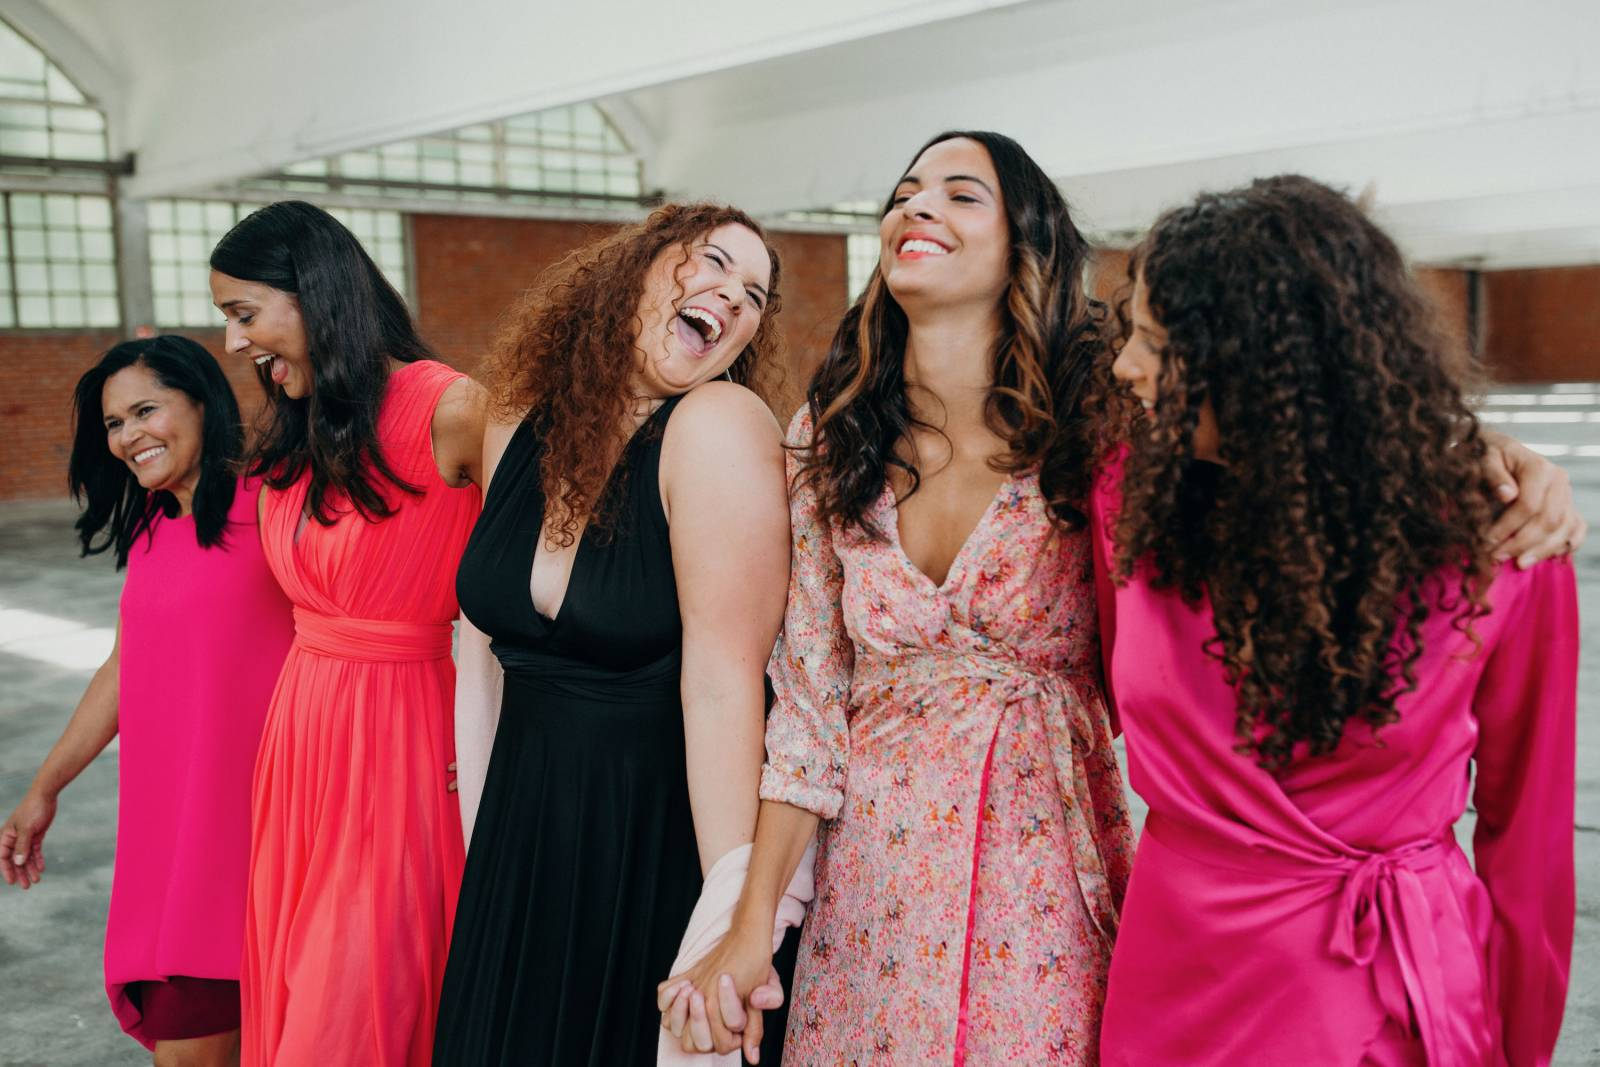 Sikkema - Trouwjurk - Bruidswinkel - Fotograaf Elke van den Ende - House of Weddings - 5